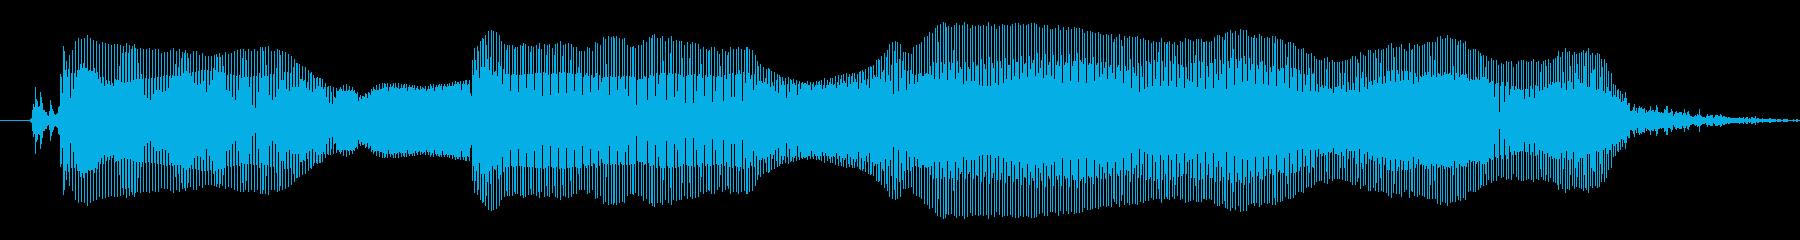 こんばんは~の再生済みの波形